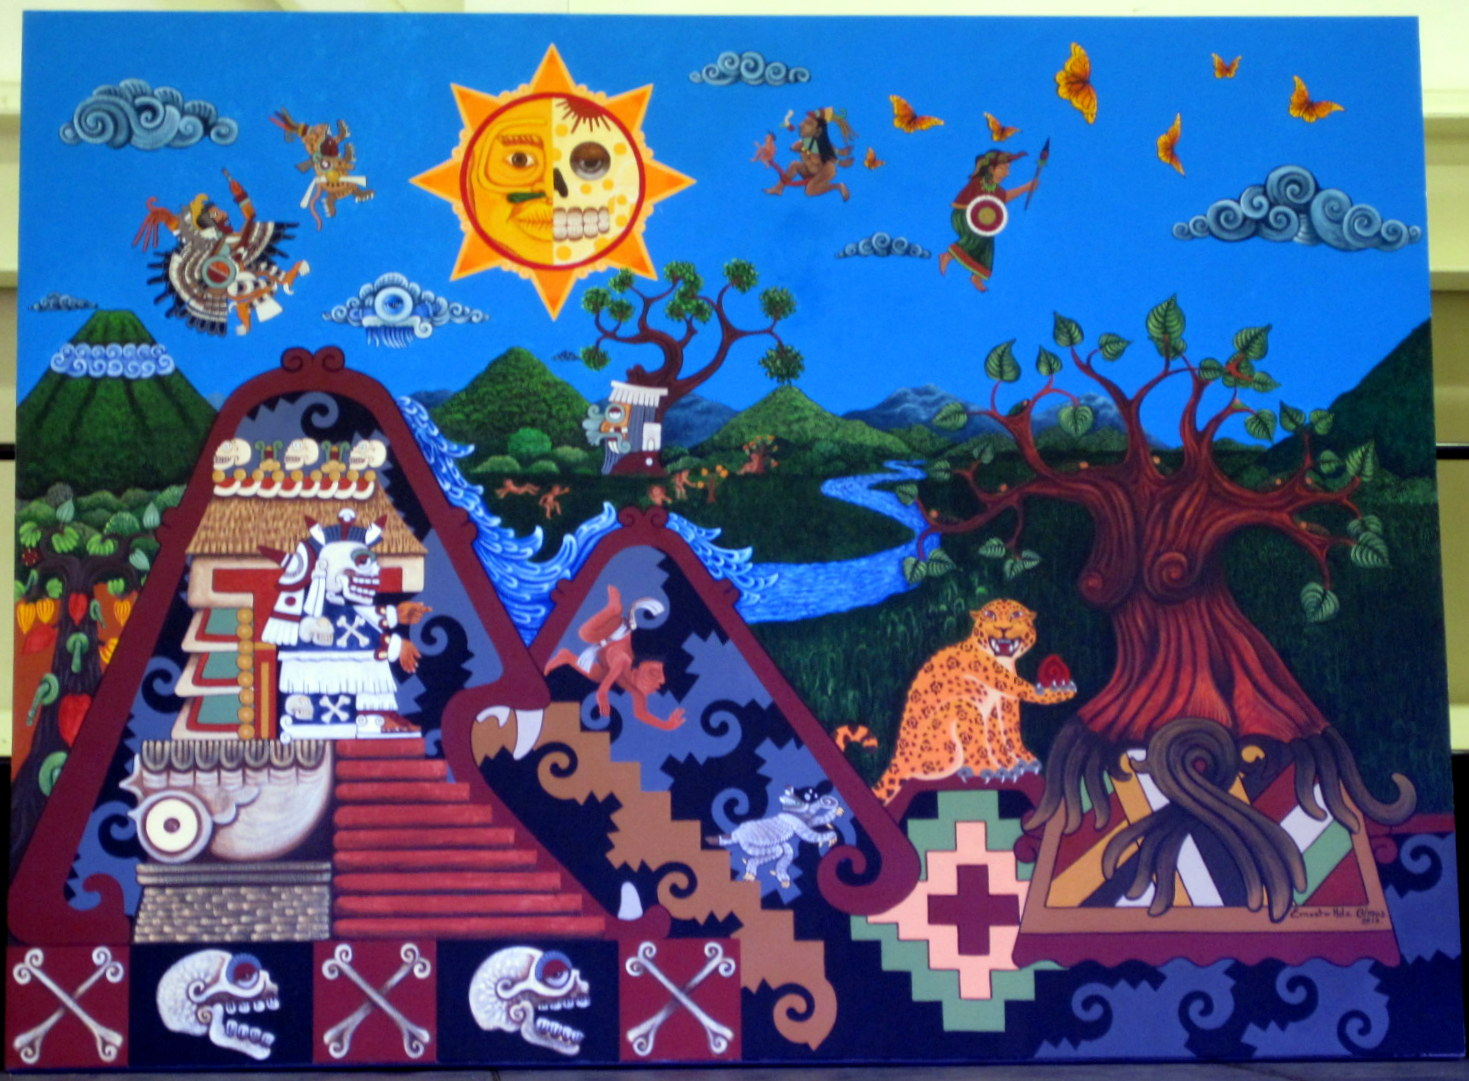 Dia de los muertos dianne faw for Dia de los muertos mural